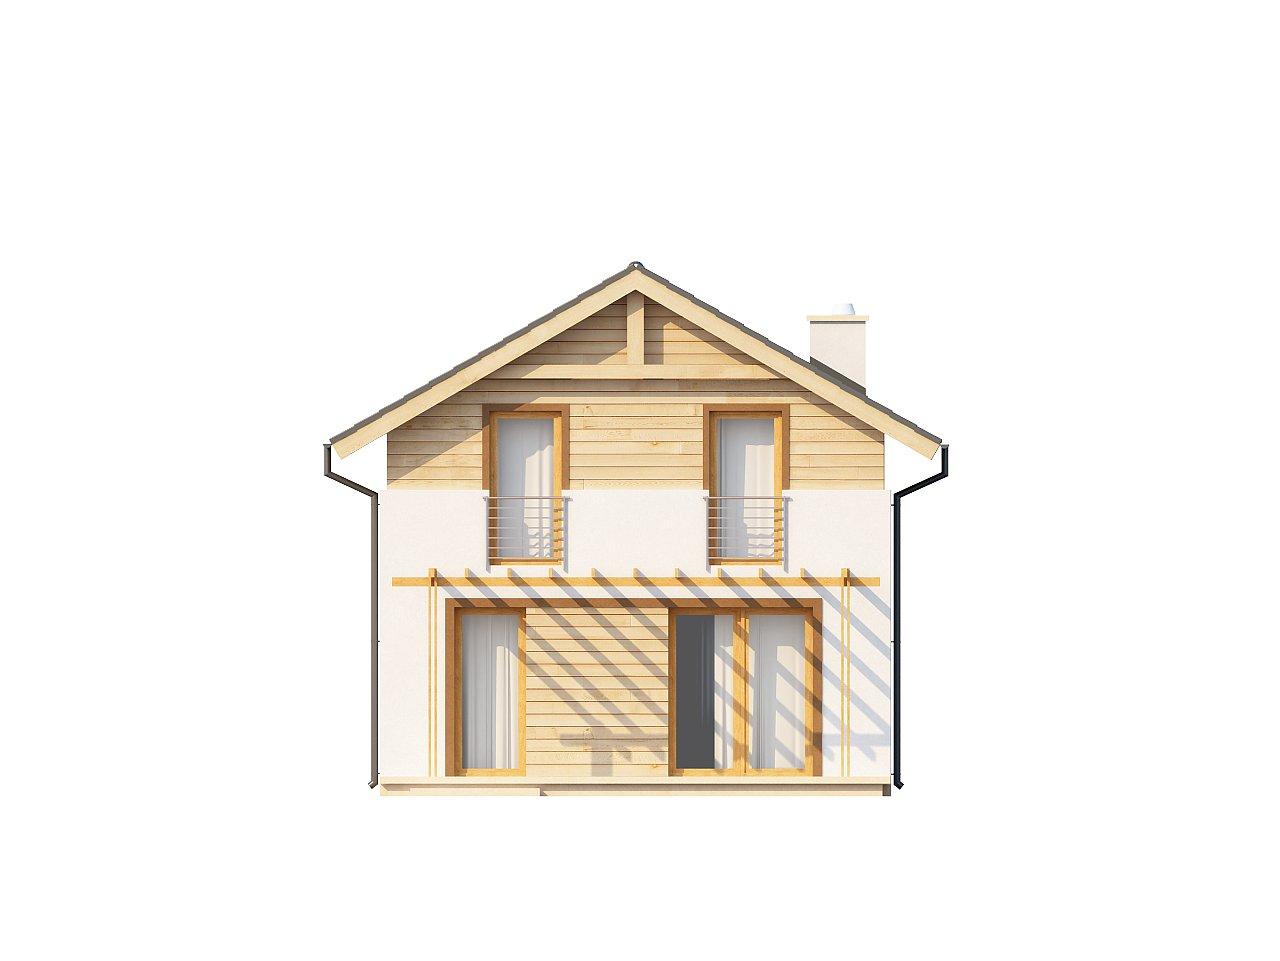 Простой и удобный дом для узкого участка с высокой аттиковой стеной. - фото 13